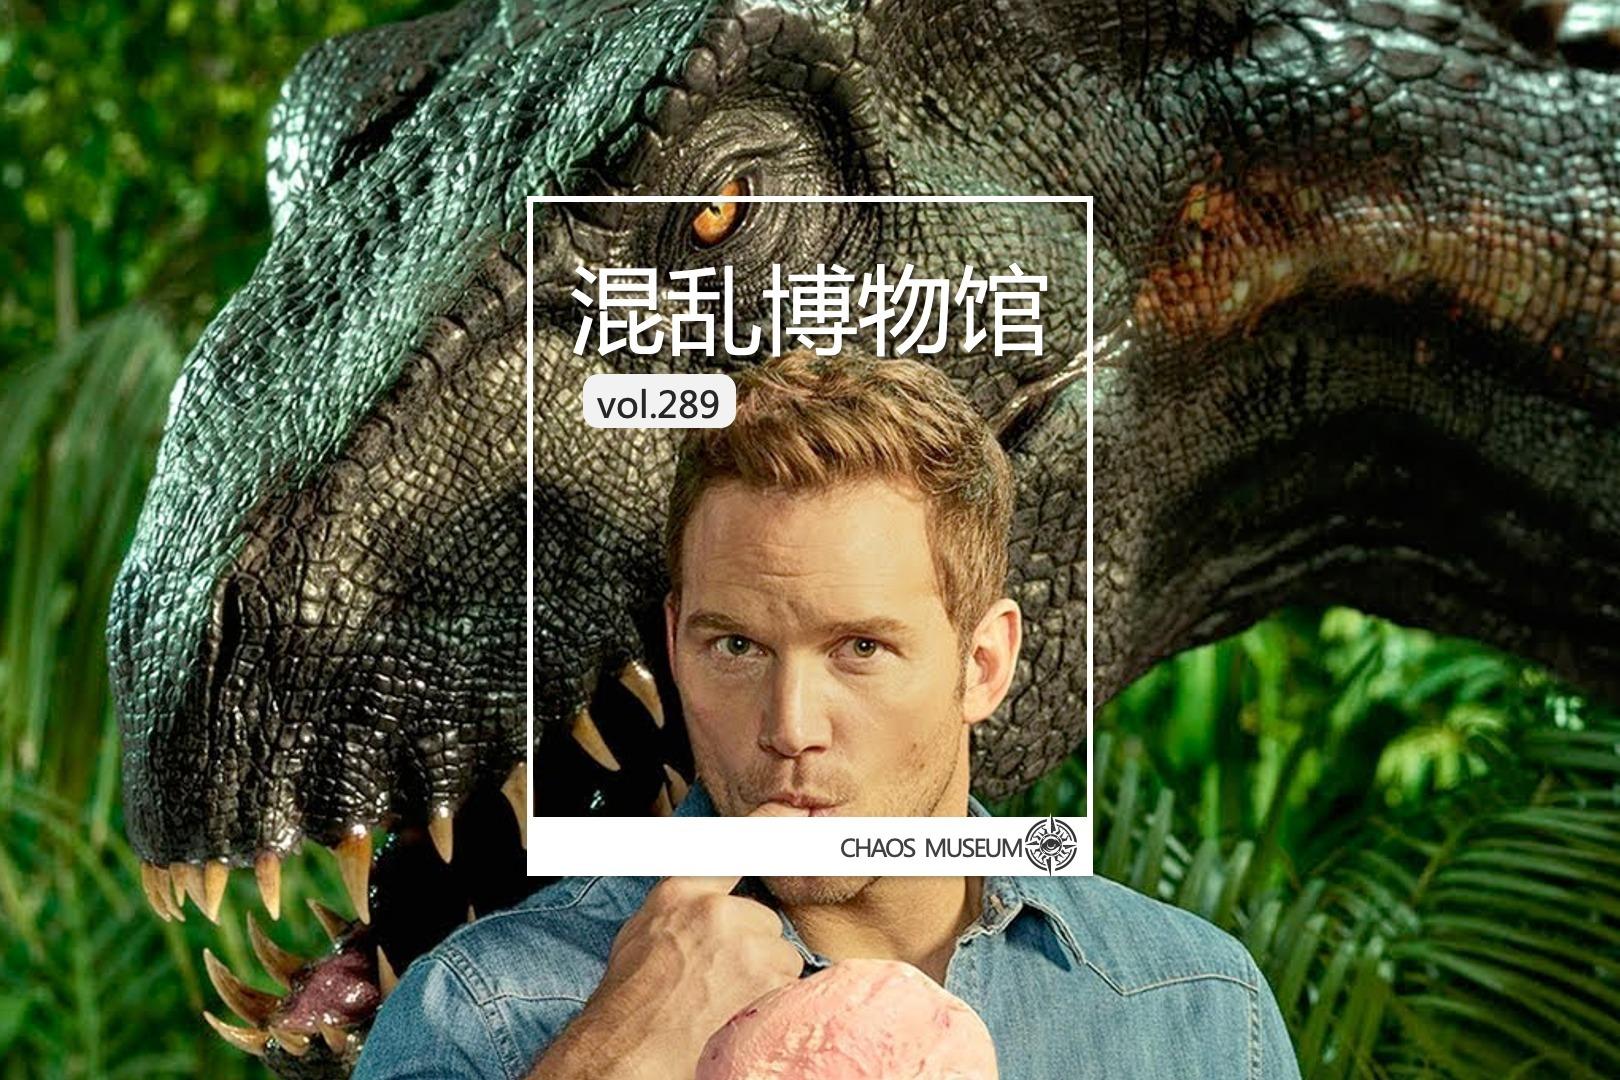 恐龙肉好吃吗丨混乱博物馆